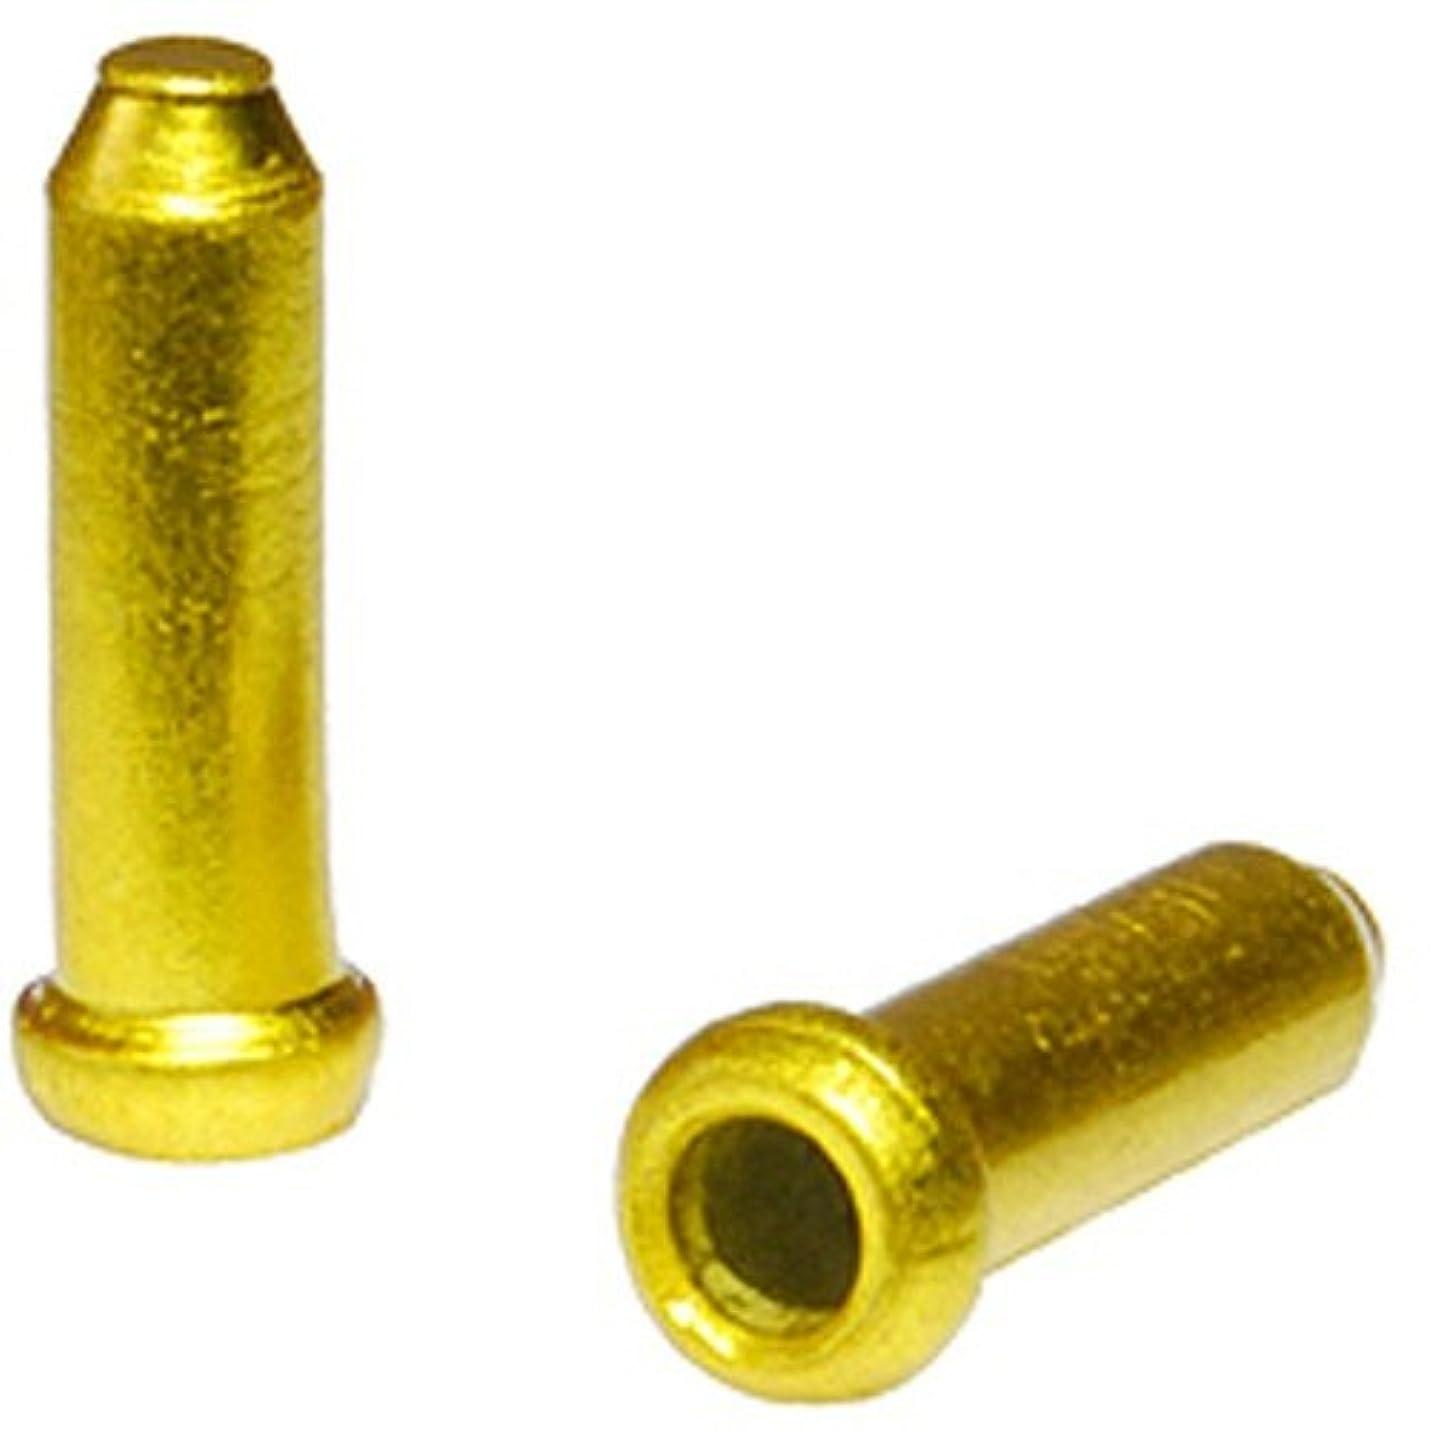 考古学的な槍連帯ALLIGATOR(アリゲーター) ブレーキ用インナーキャップ 4個入 LY-IPA03-GN-S ゴールド